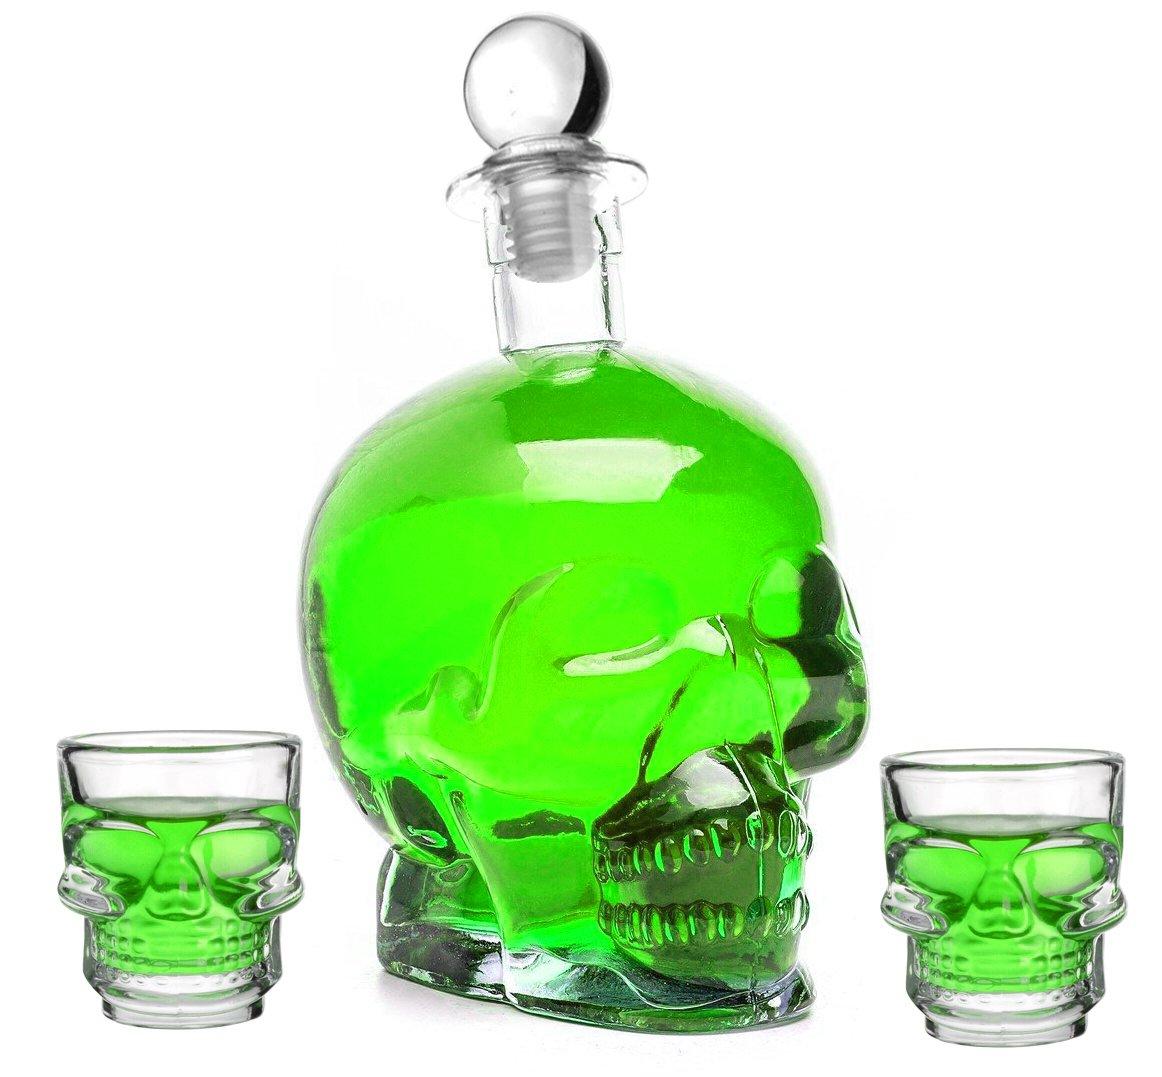 (1 Totenkopf & 2 Schnapsgläser ) 1 Leere Glasflasche 750 ml und 2 Gläser je 50 ml DICKES GLAS SET In Totenkopf-Form Flasche Pirat Skull Glasschädel 0, 75 Liter L Glas-Schädel Likörflaschen Whisky Karaffe Schnapsflasche Whiskyflasche Gläser Von Slkfacto